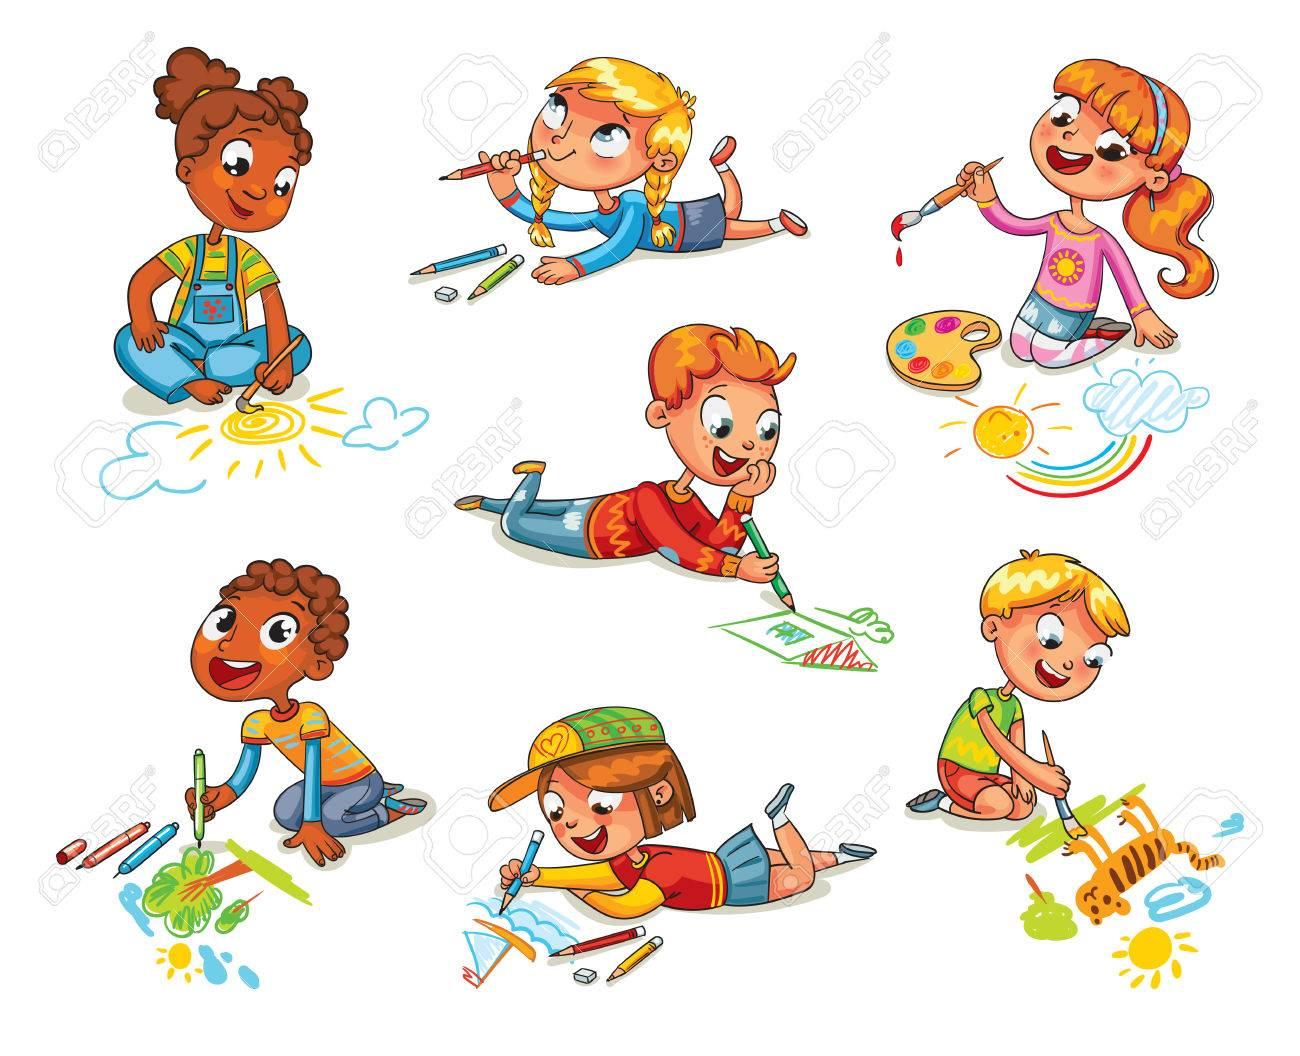 Les Petits Enfants De Dessiner Des Images Crayons Et Peintures Pose